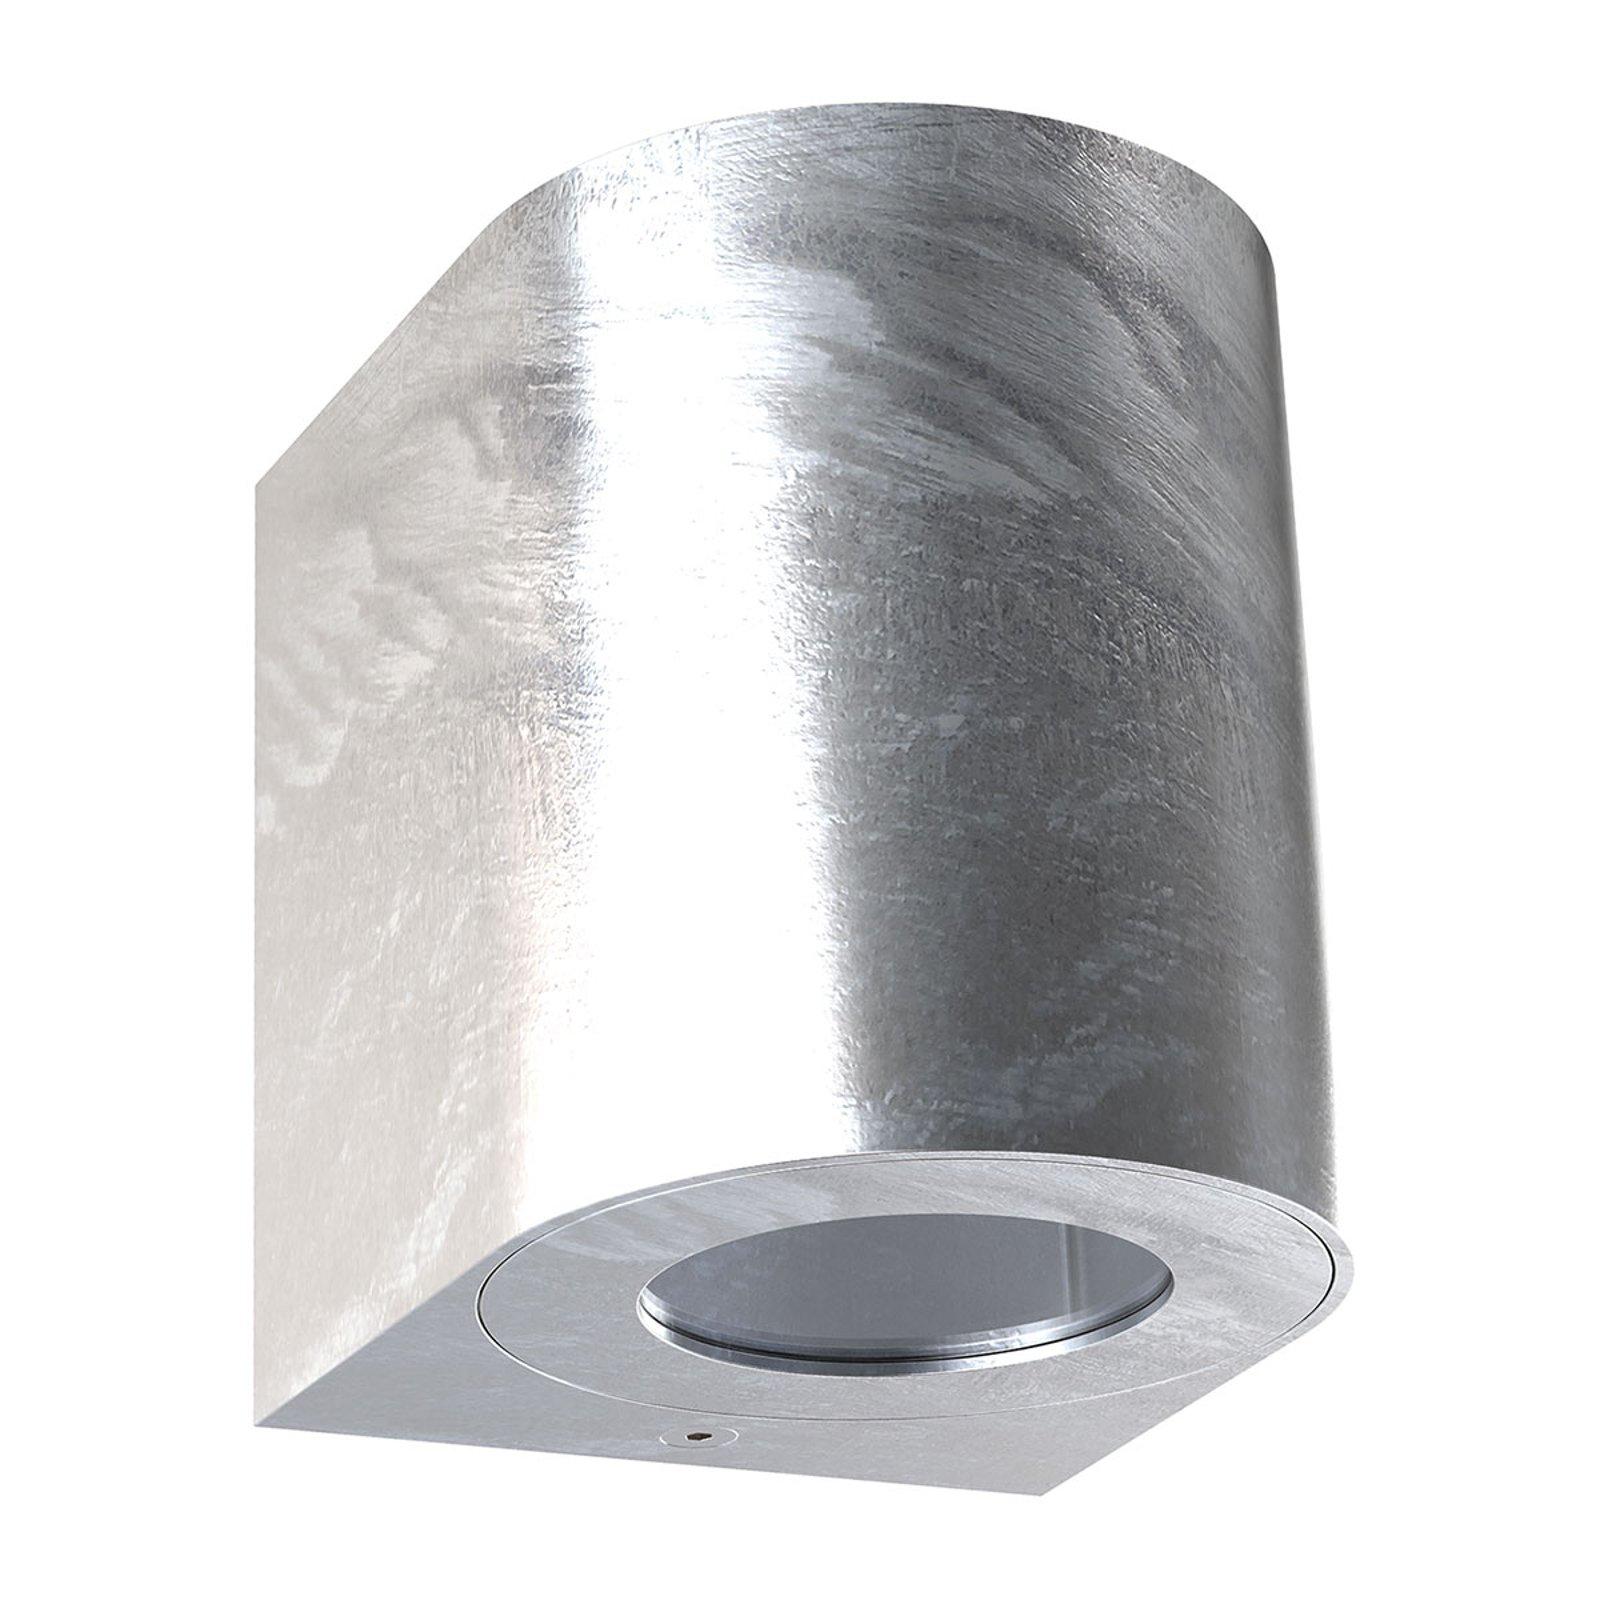 Utendørs LED-vegglampe Canto 2, 10 cm, galvanisert